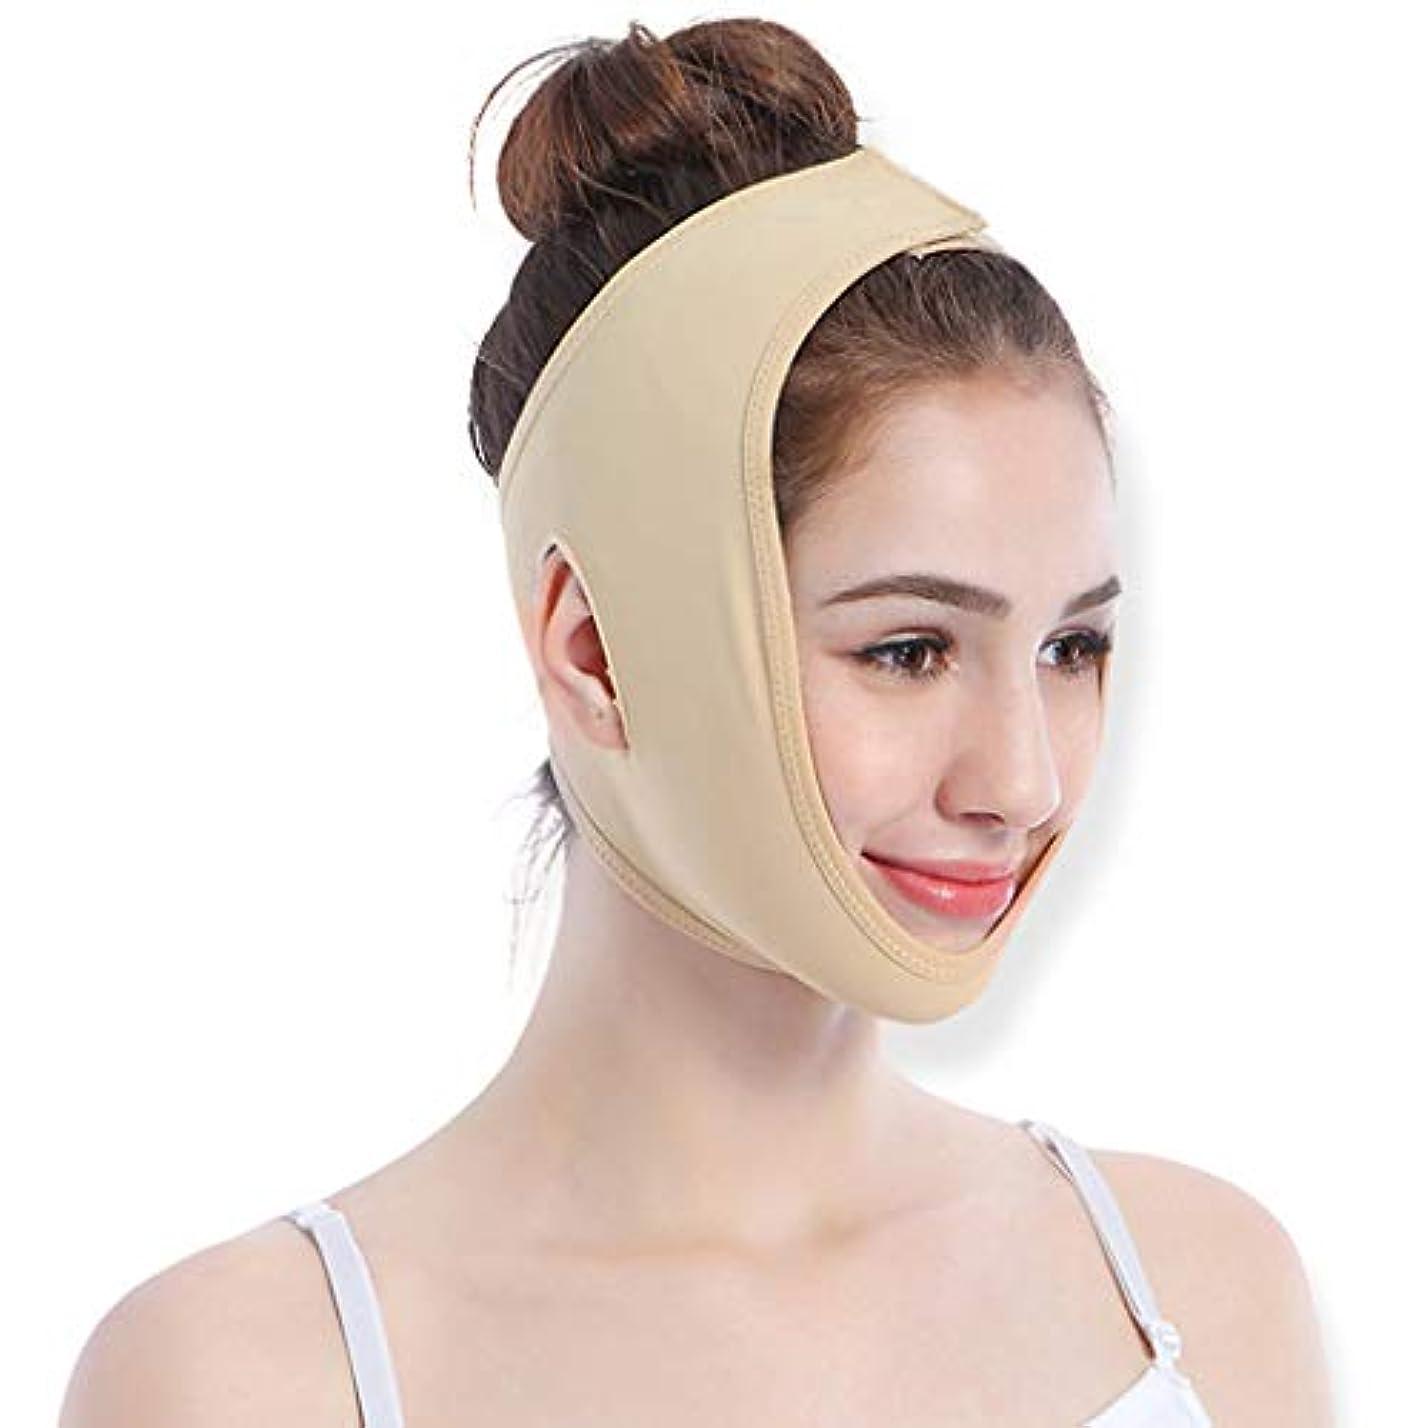 逆に広まったを除く薄い顔のマスクの男性と女性の顔のv顔のマスクの顔の楽器の包帯,XL